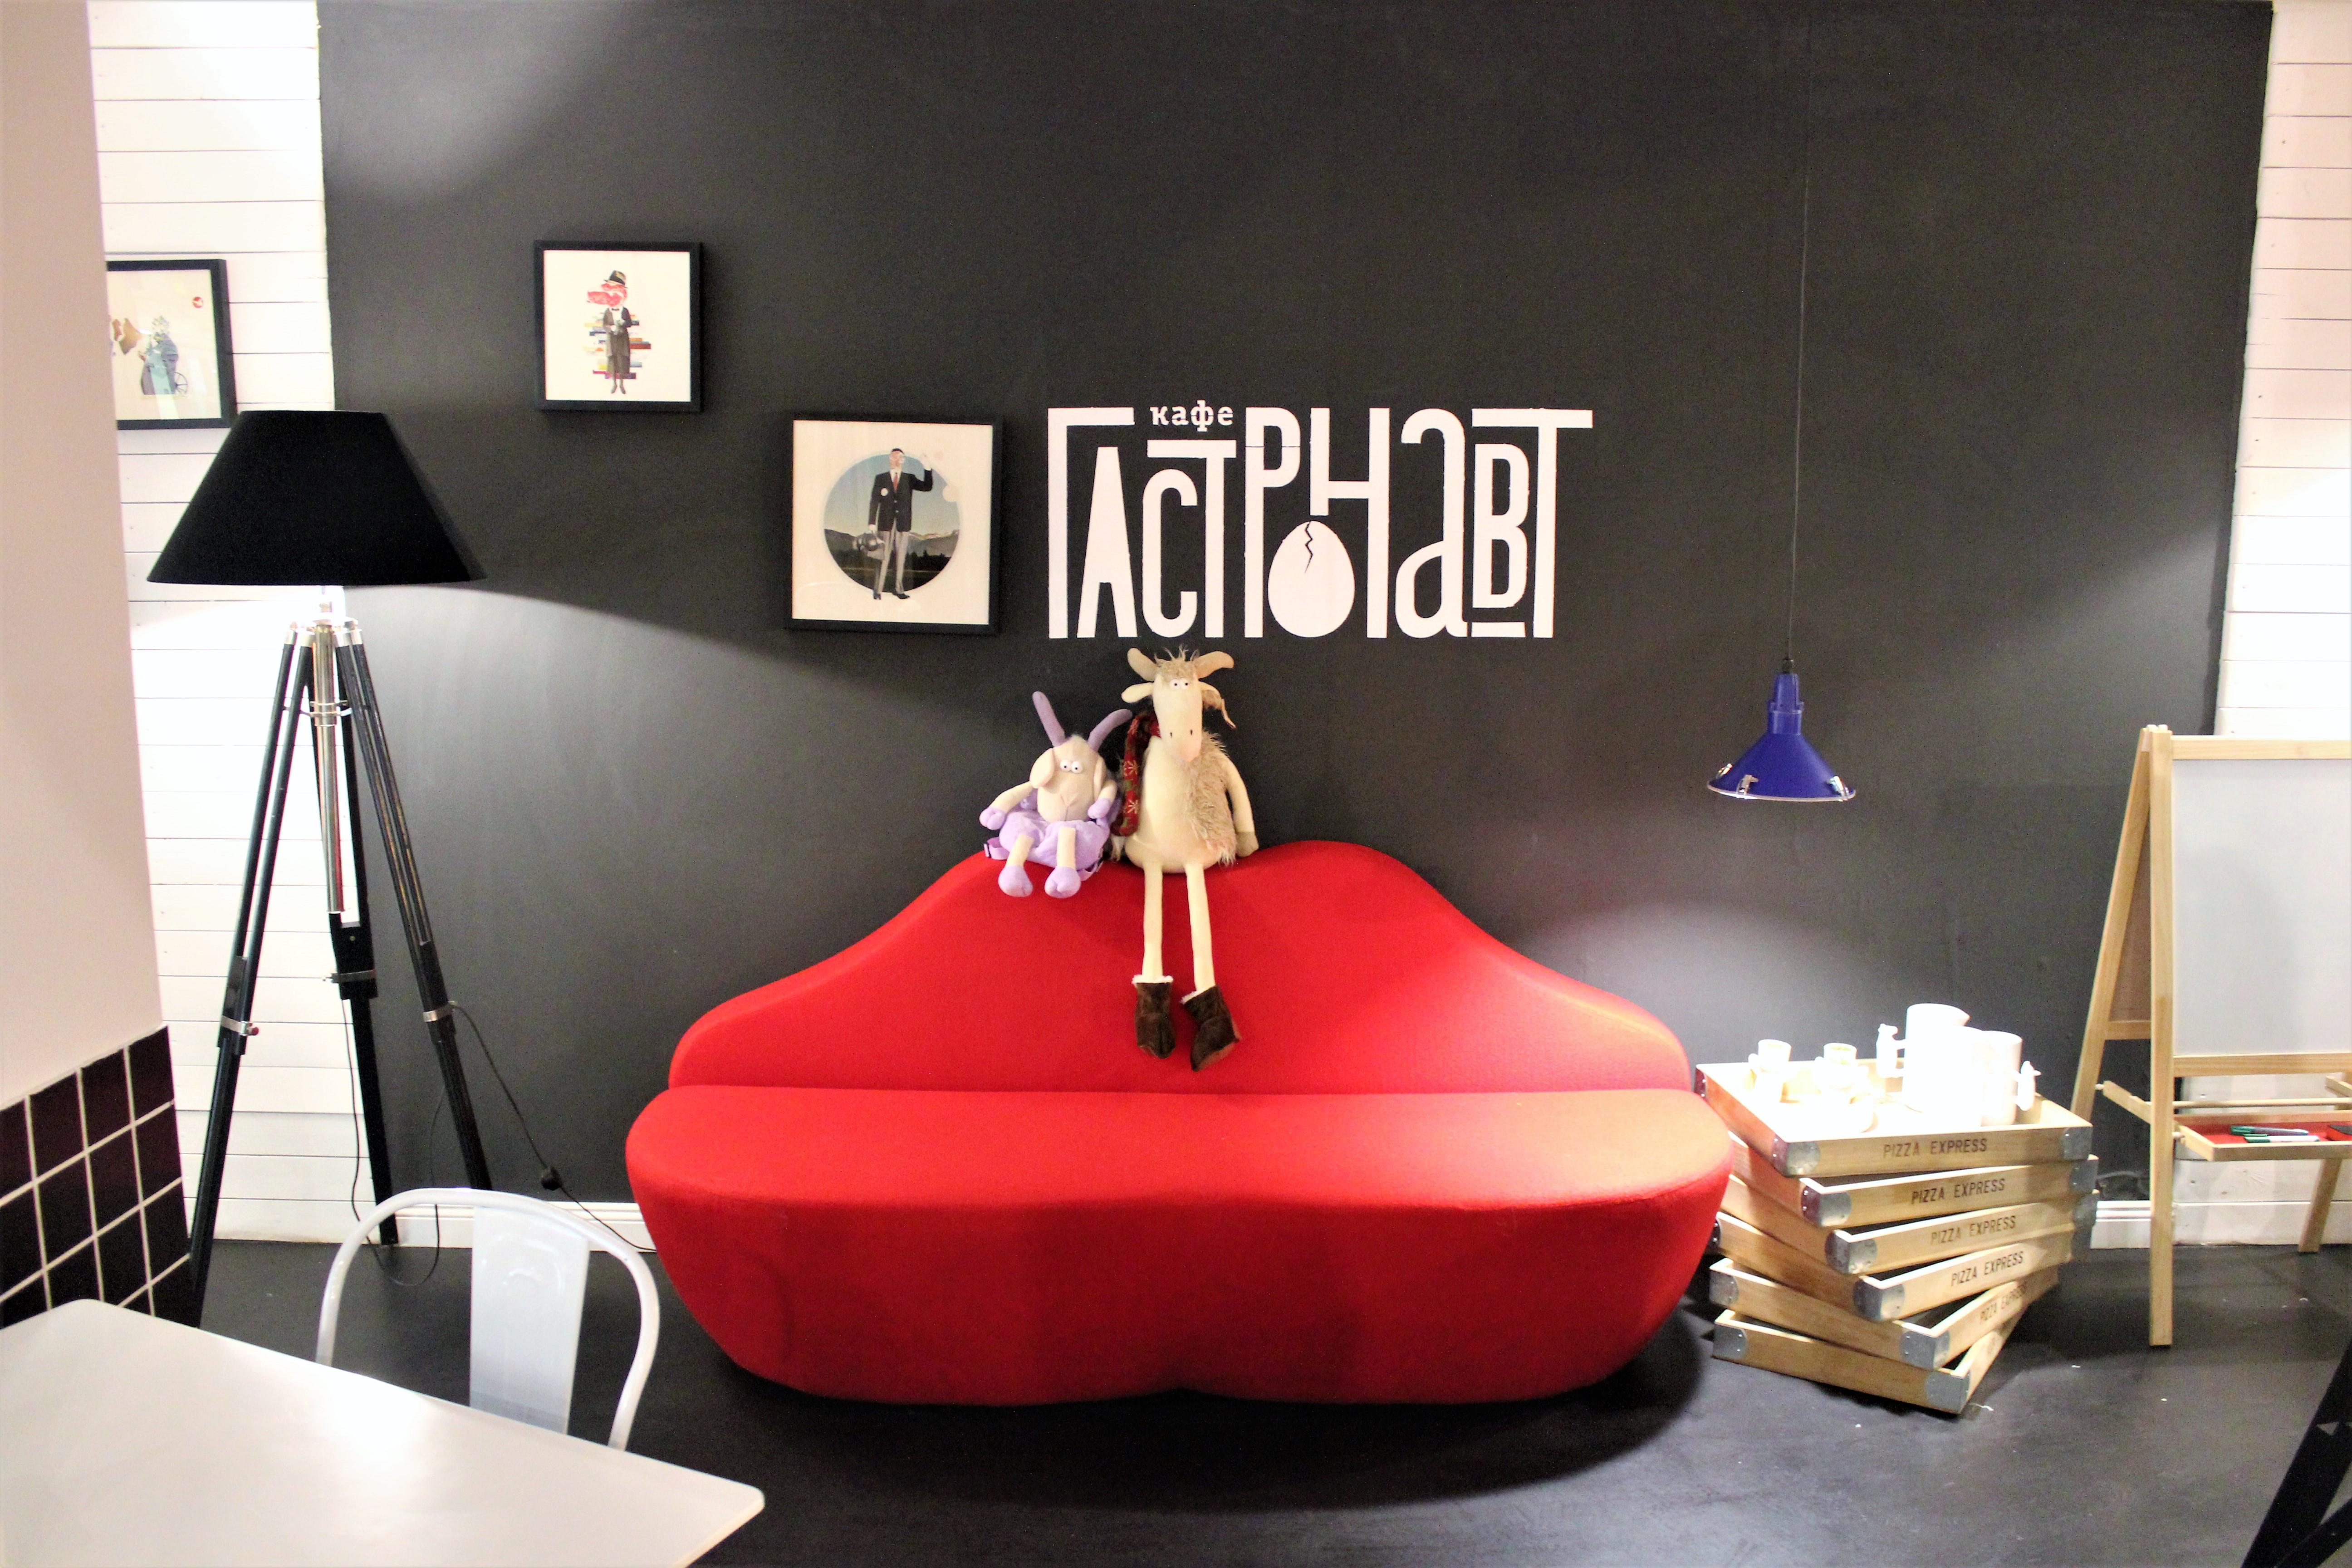 Photo of Гастронавт: погружение в мир гастрономии кафе гастронавт Гастронавт: погружение в мир гастрономии IMG 0092